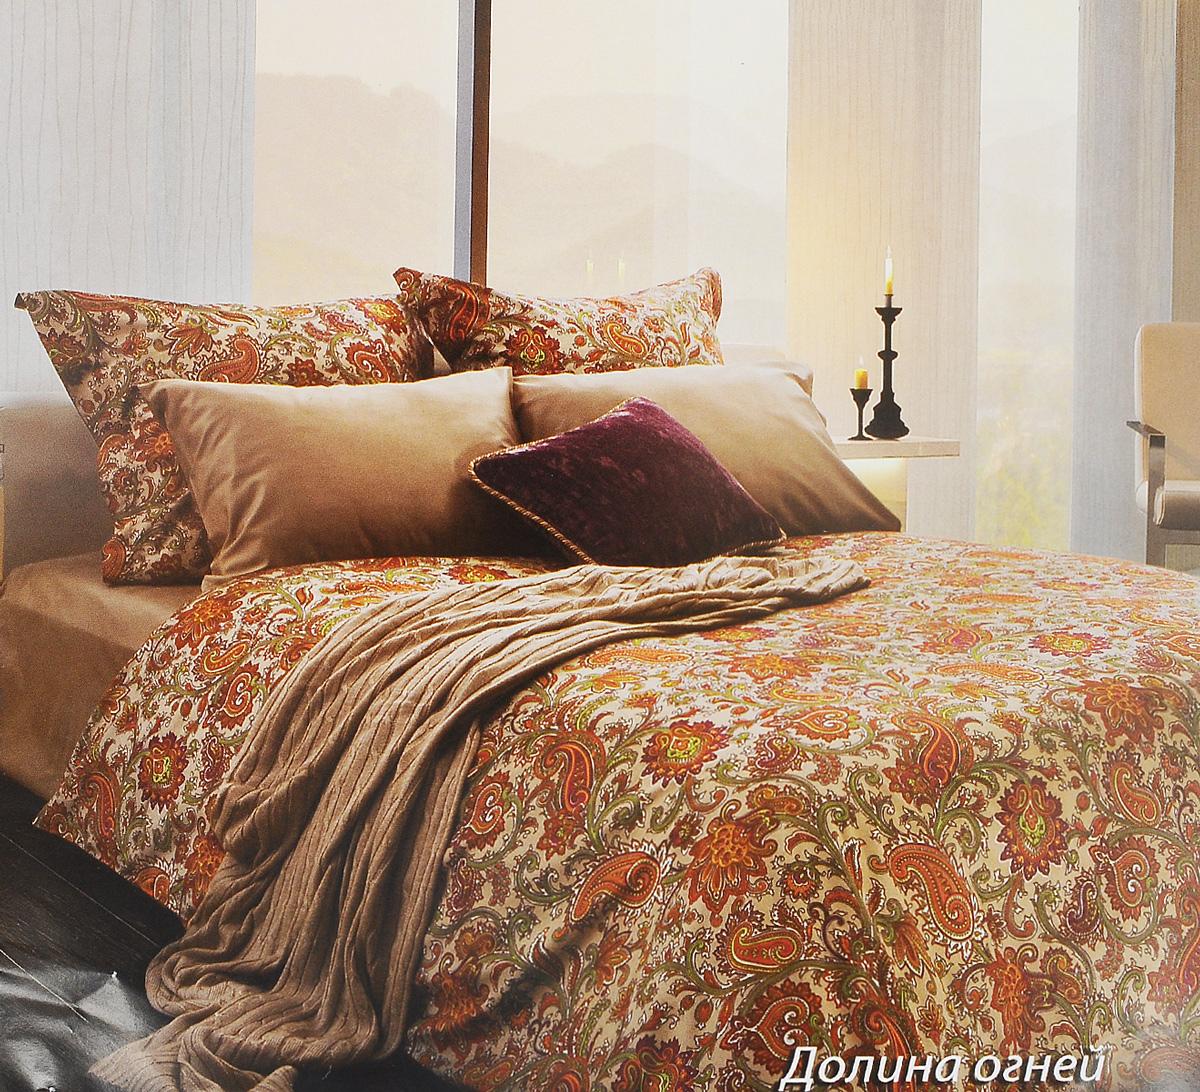 Комплект белья Tiffanys Secret Долина огней, евро, наволочки 50х70, цвет: бежевый, оранжевый, белый2040816128Комплект постельного белья Tiffanys Secret Долина огней является экологически безопасным для всей семьи, так как выполнен из сатина (100% хлопок). Комплект состоит из пододеяльника, простыни и двух наволочек. Предметы комплекта оформлены оригинальным рисунком. Благодаря такому комплекту постельного белья вы сможете создать атмосферу уюта и комфорта в вашей спальне. Сатин - это ткань, навсегда покорившая сердца человечества. Ценившие роскошь персы называли ее атлас, а искушенные в прекрасном французы - сатин. Секрет высококачественного сатина в безупречности всего технологического процесса. Эту благородную ткань делают только из отборной натуральной пряжи, которую получают из самого лучшего тонковолокнистого хлопка. Благодаря использованию самой тонкой хлопковой нити получается необычайно мягкое и нежное полотно. Сатиновое постельное белье превращает жаркие летние ночи в прохладные и освежающие, а холодные зимние - в теплые и согревающие. ...